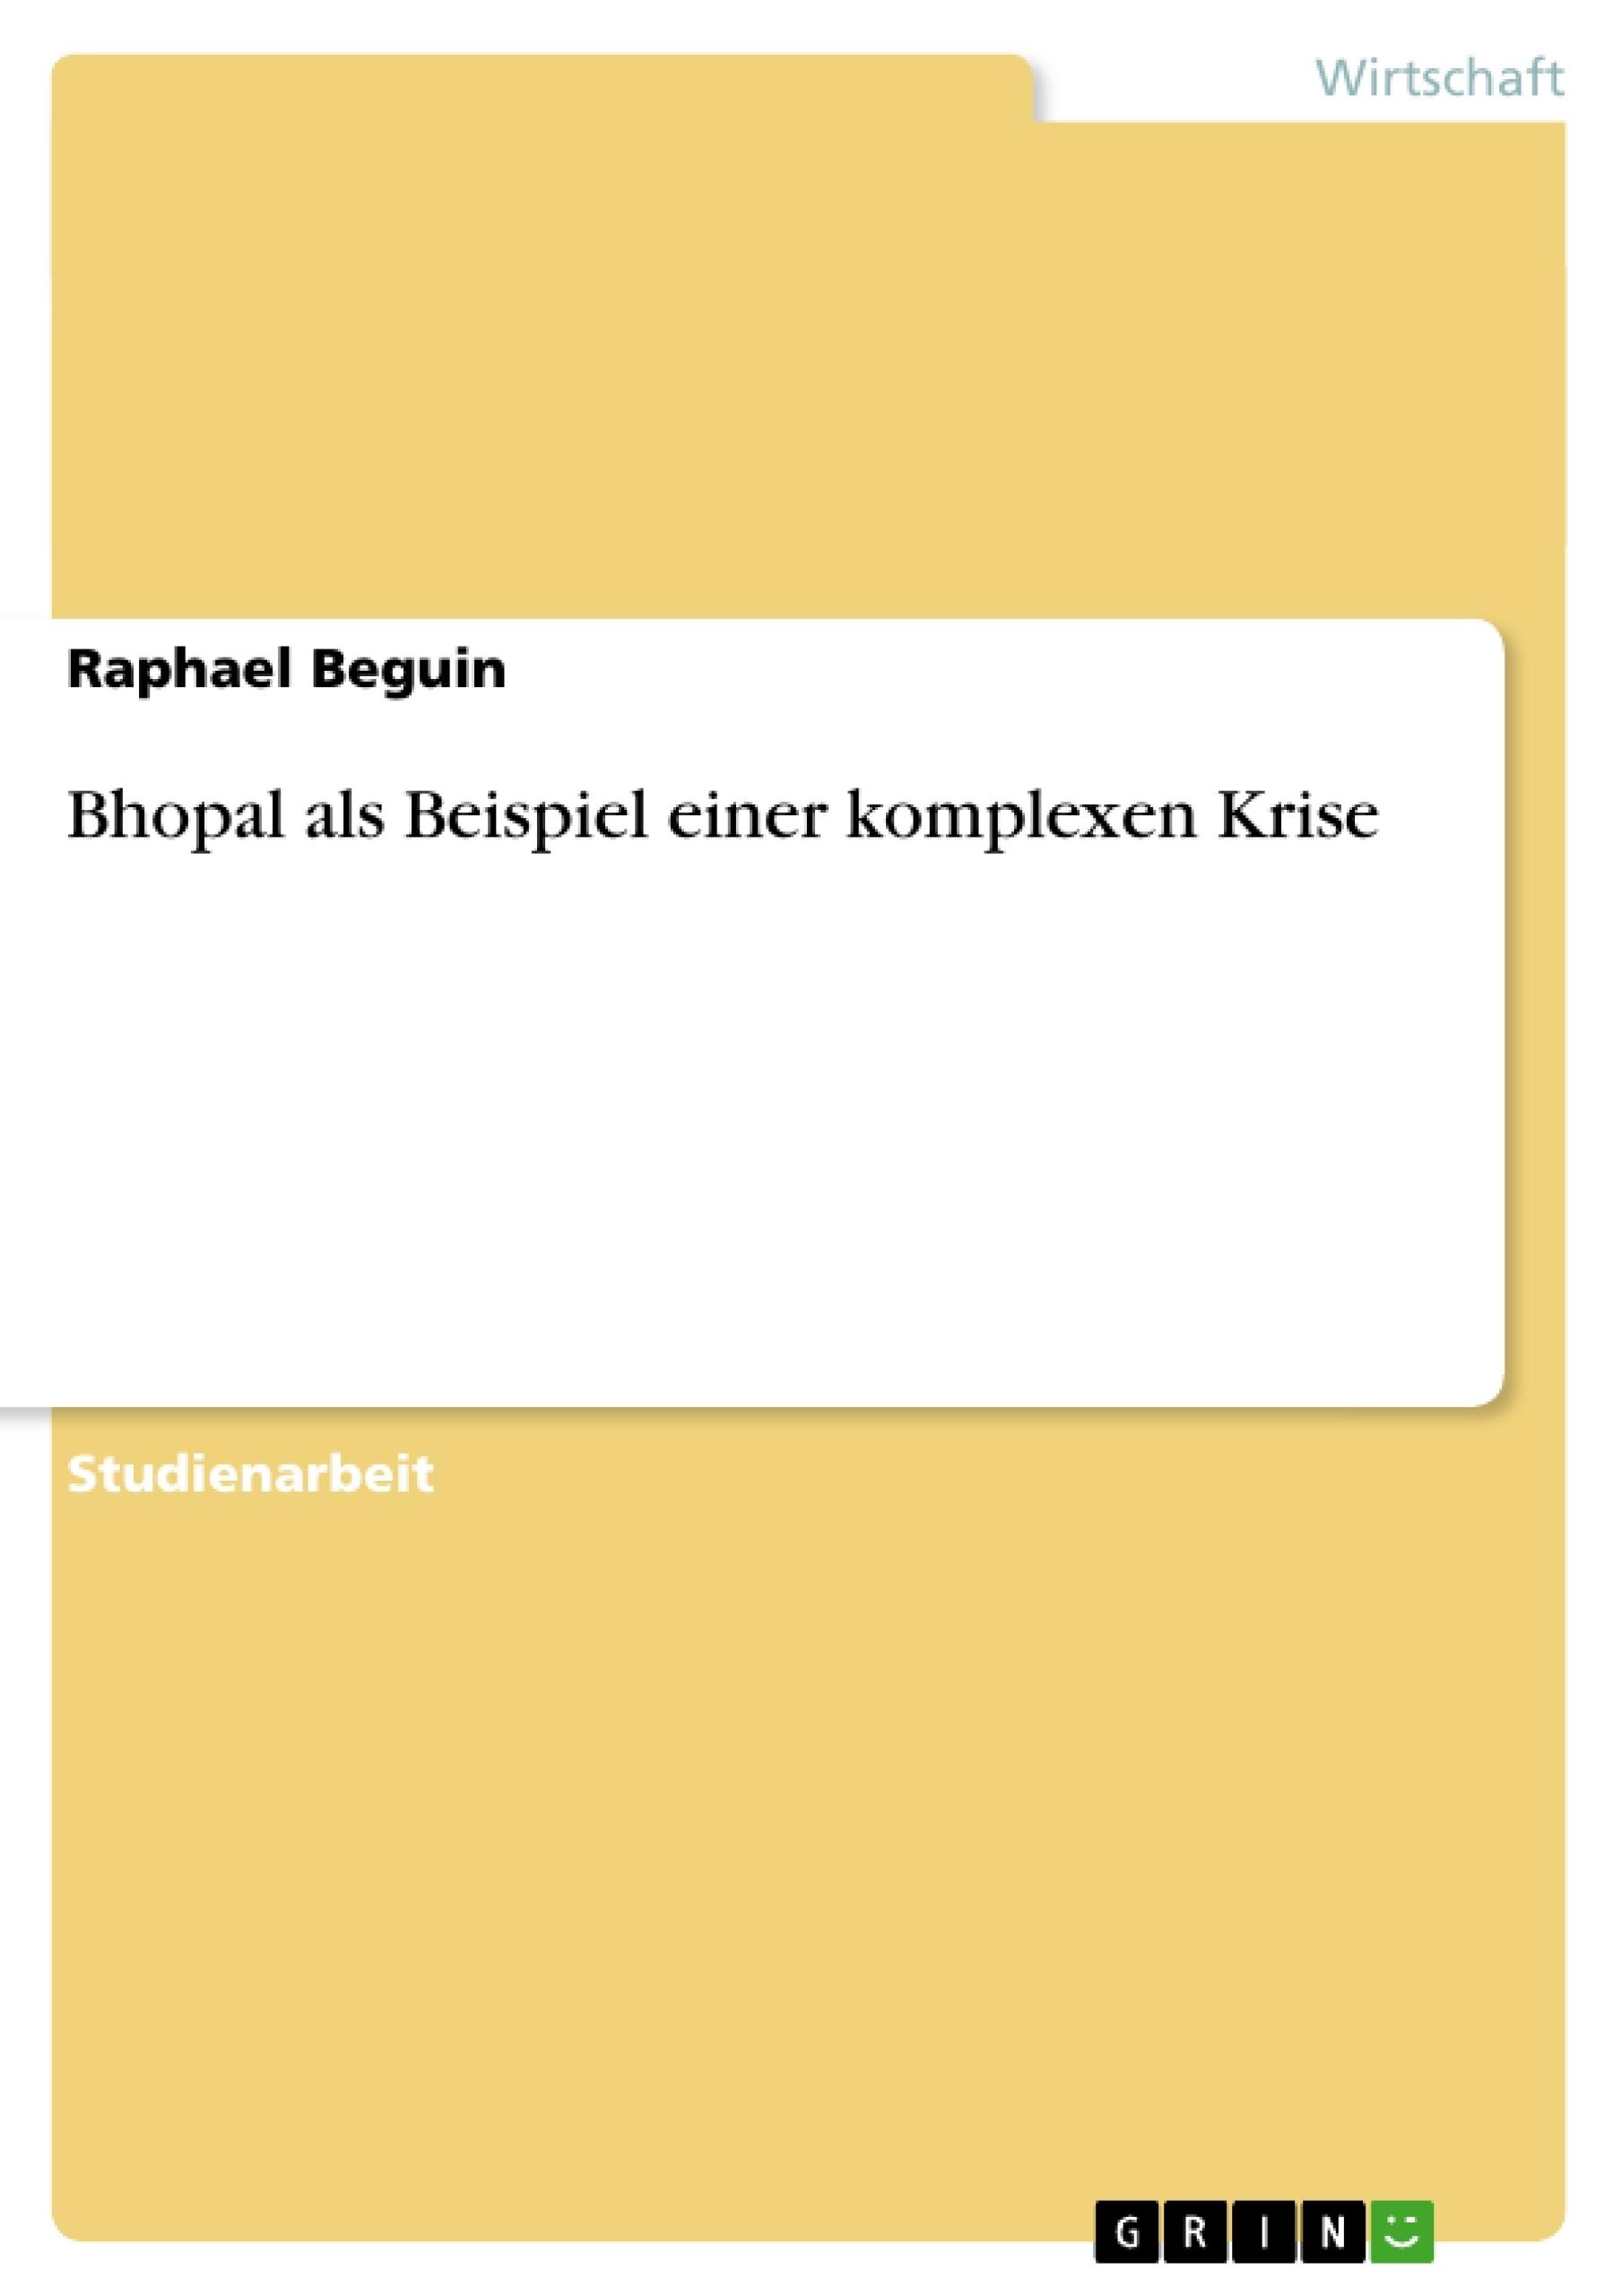 Titel: Bhopal als Beispiel einer komplexen Krise